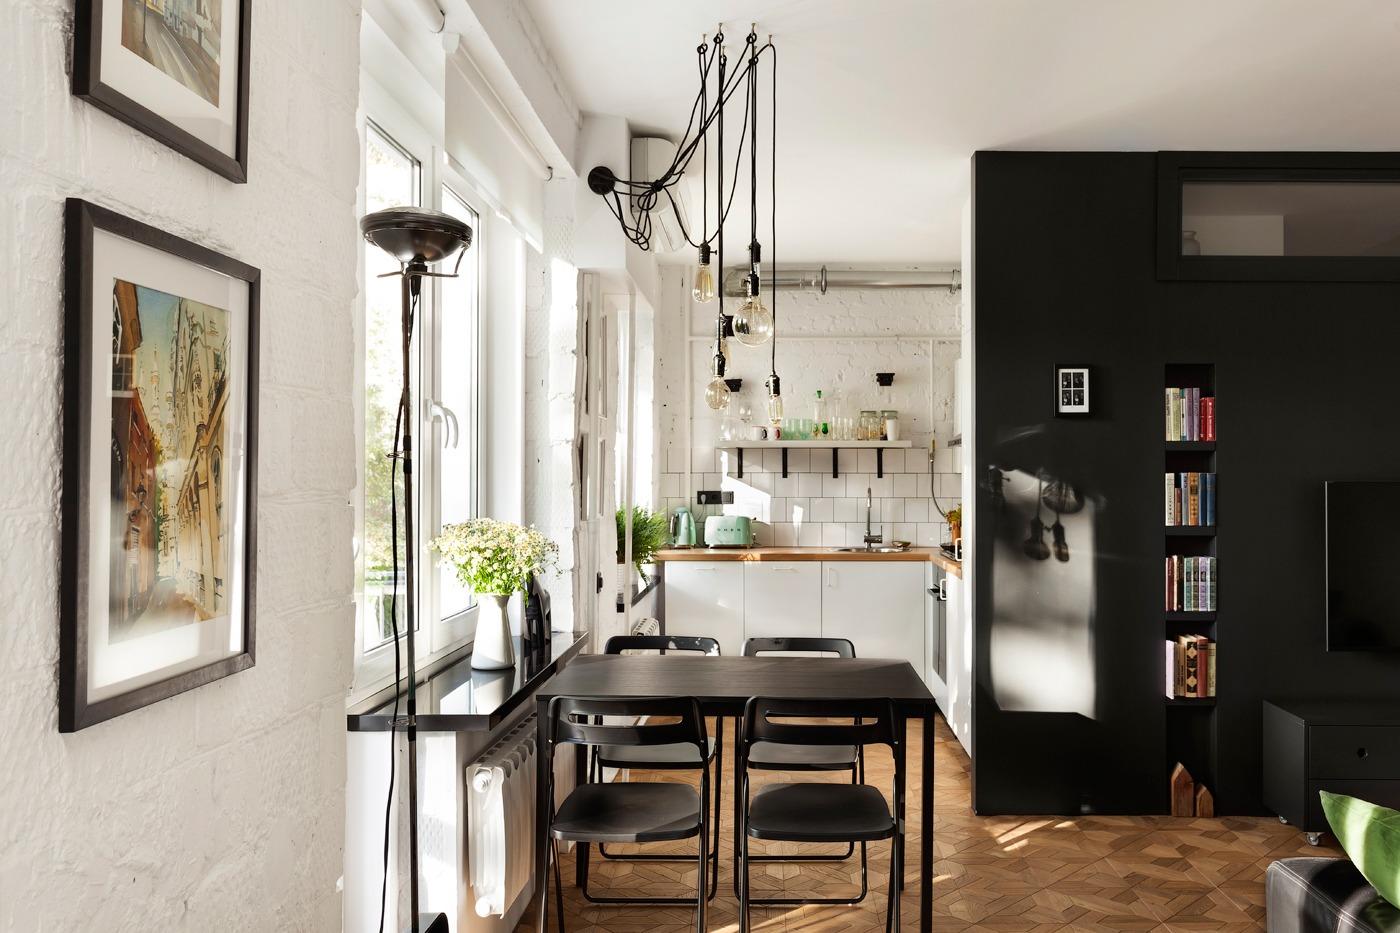 Denah Desain Interior Rumah Elegan & 36 Denah Desain Interior Rumah Elegan | tes rumah